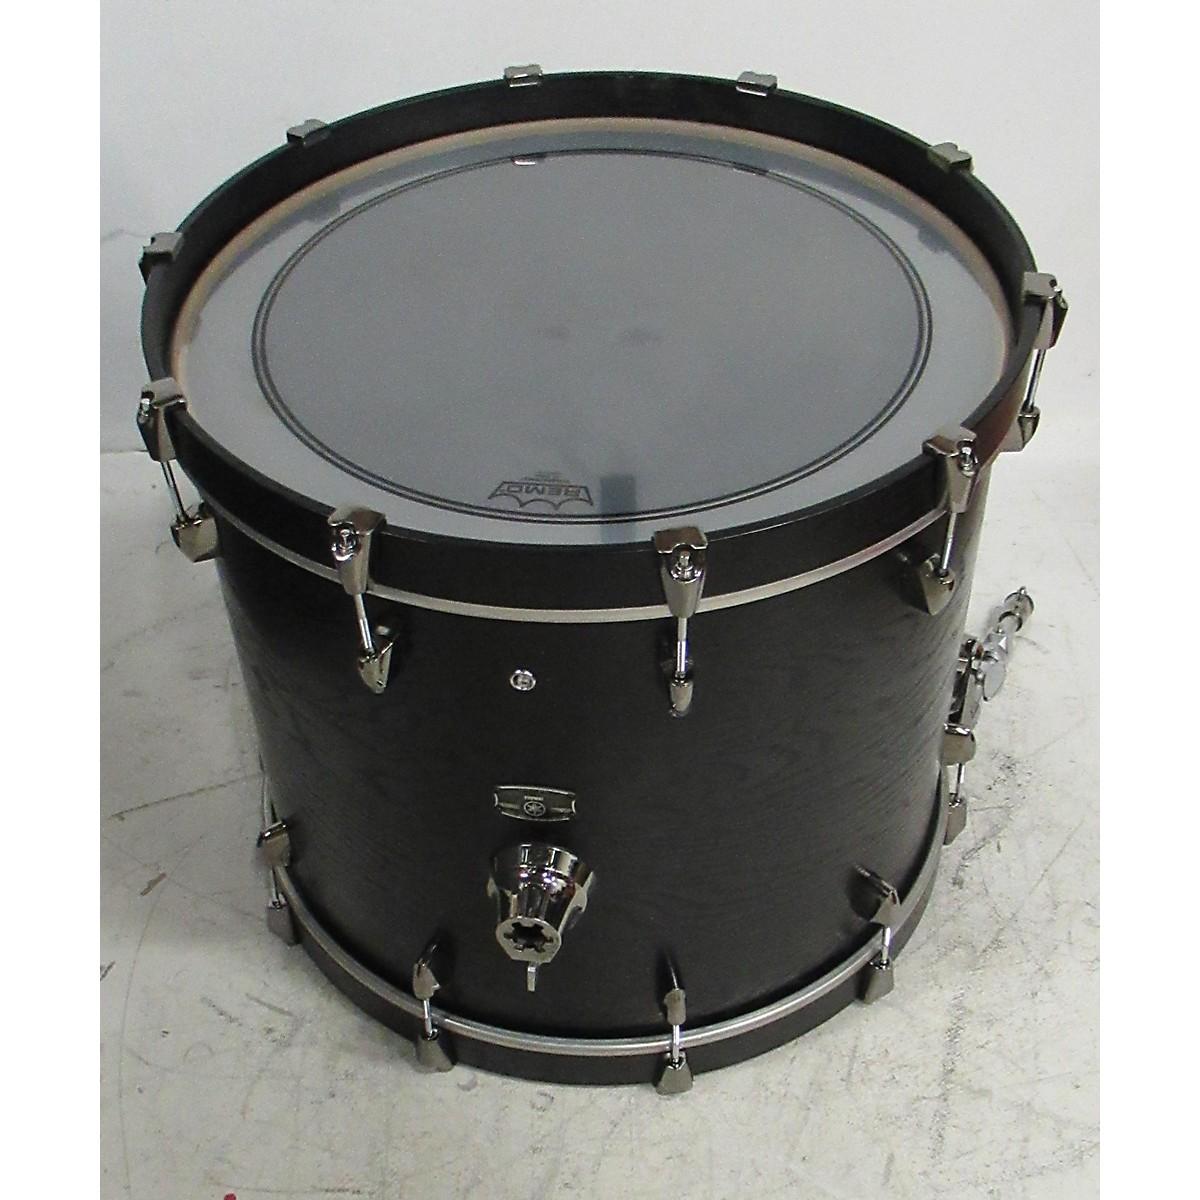 Yamaha Oak Live Drum Kit